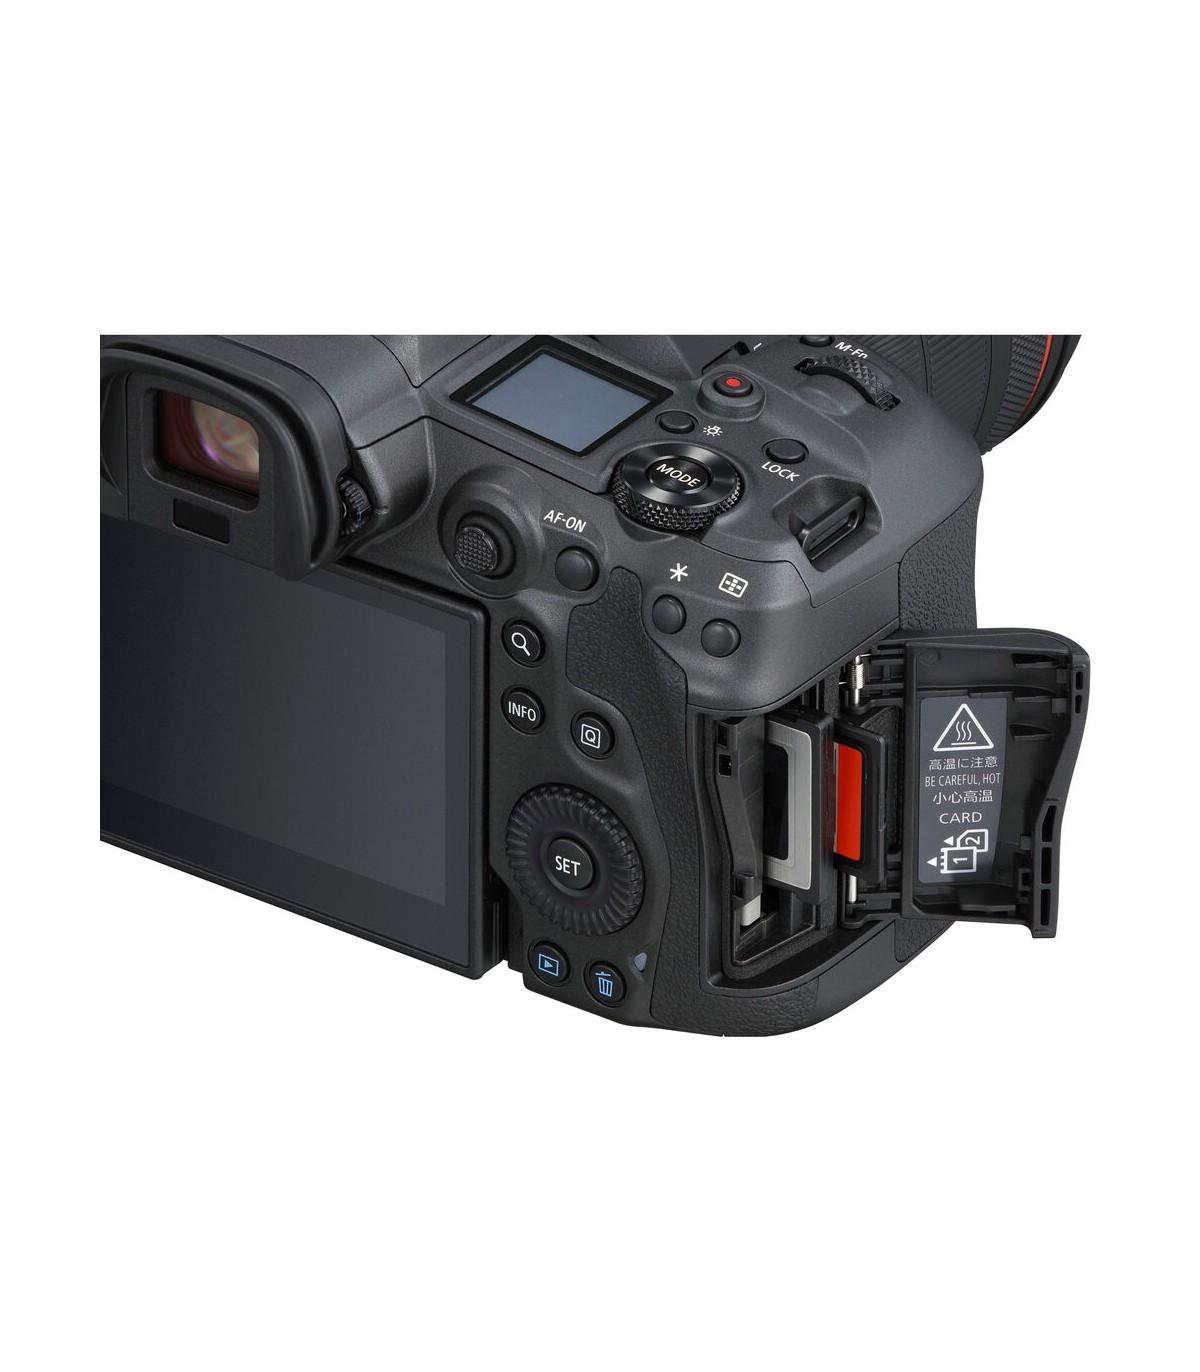 دوربین بدون آینه کانن Canon EOS R5 Mirrorless Camera Body